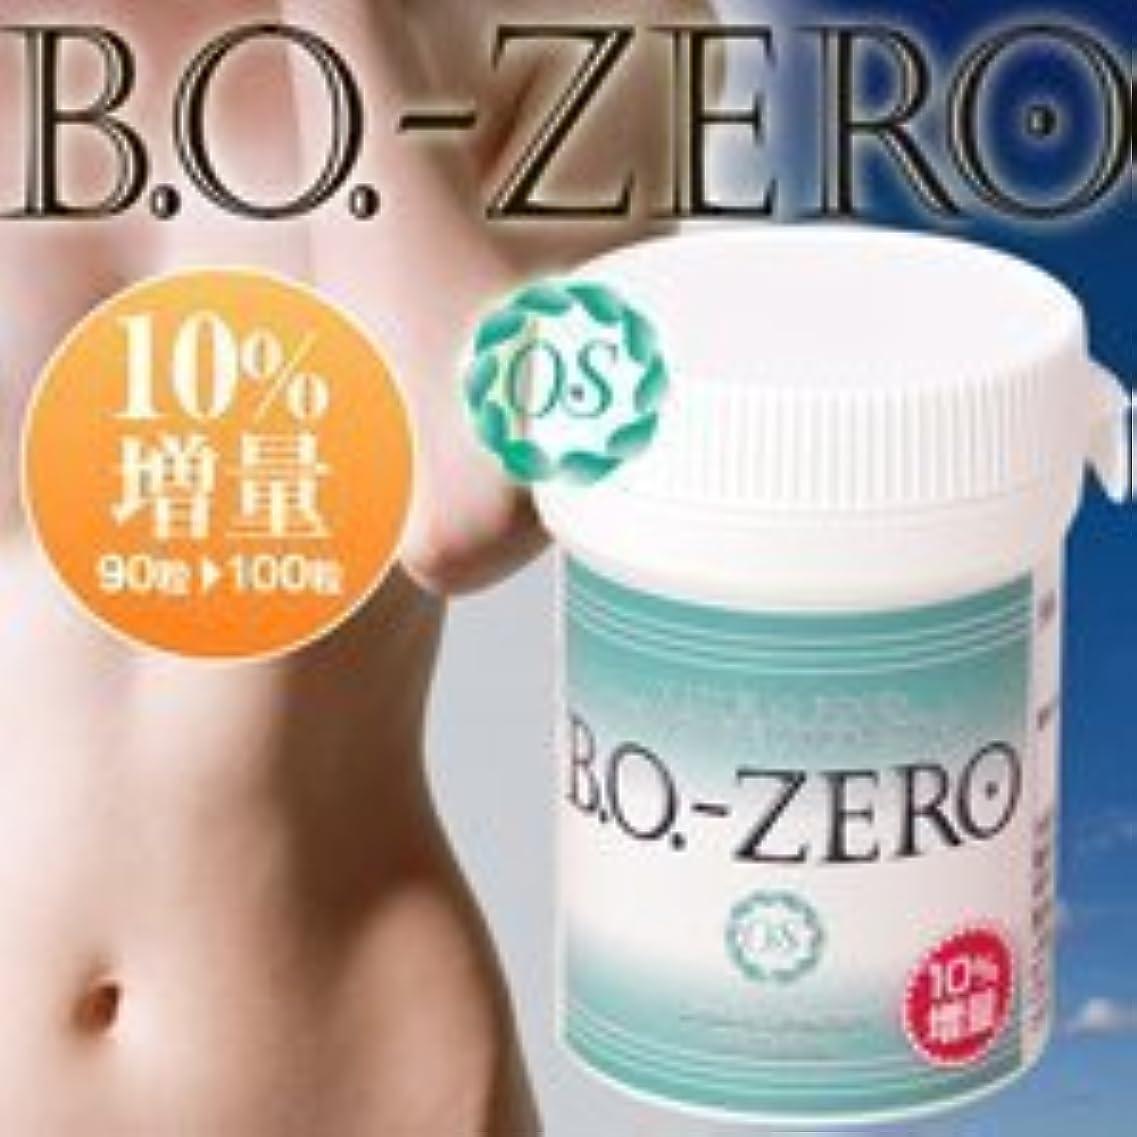 裁判官後方にジョージスティーブンソンBO ZERO (ビーオー ゼロ) 10%増量×2個セット?  体臭 口臭 汗臭 ワキガ などの対策に